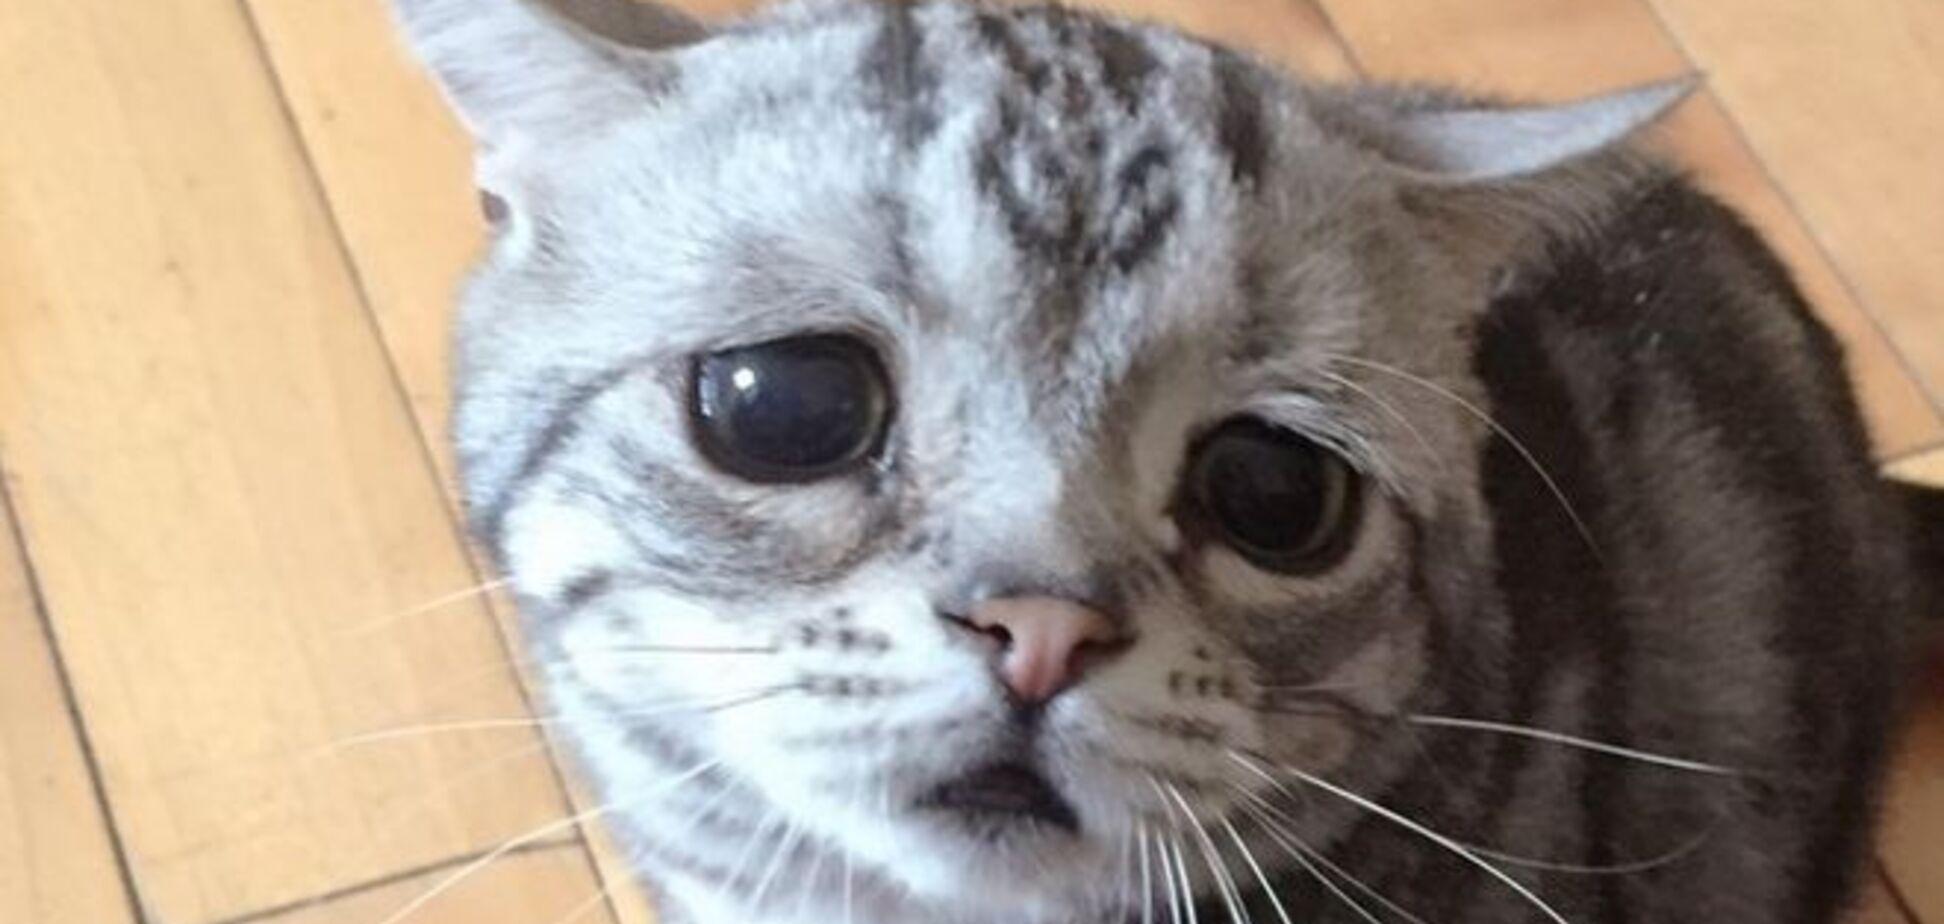 Самая грустная кошка растрогала чувства тысячи людей в сети: опубликованы фото